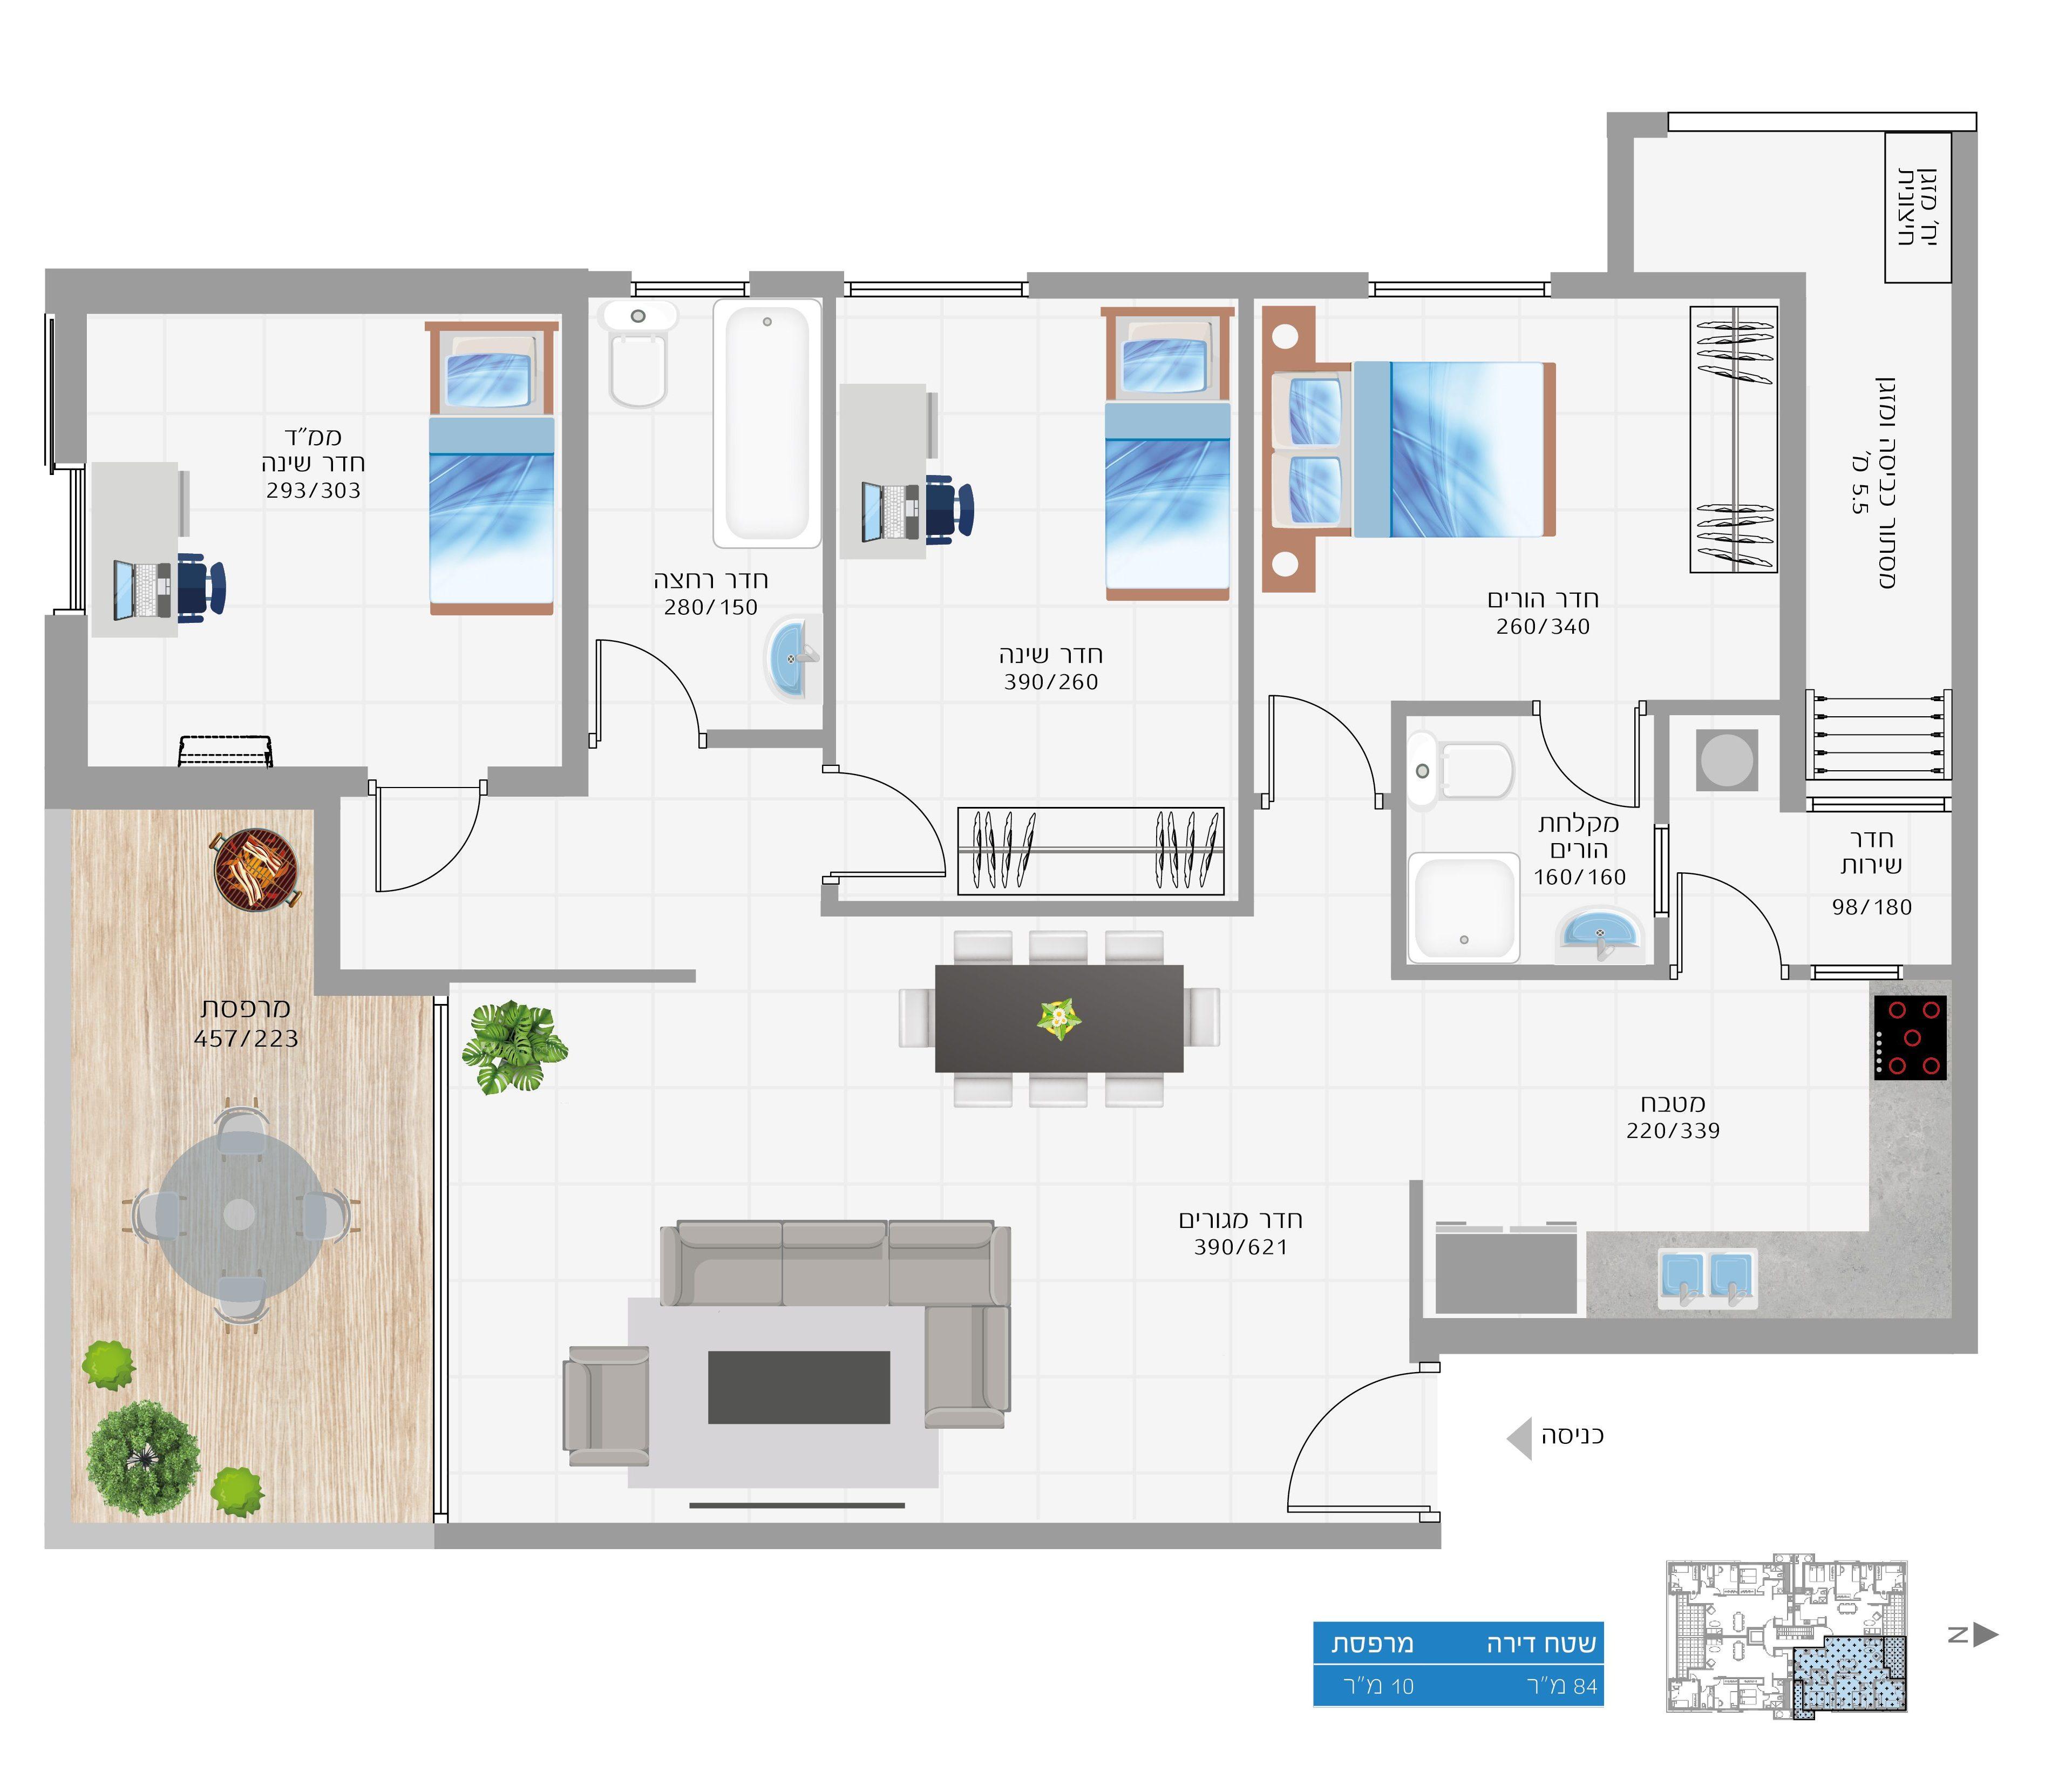 תוכנית הדירה לנכס מספר 18